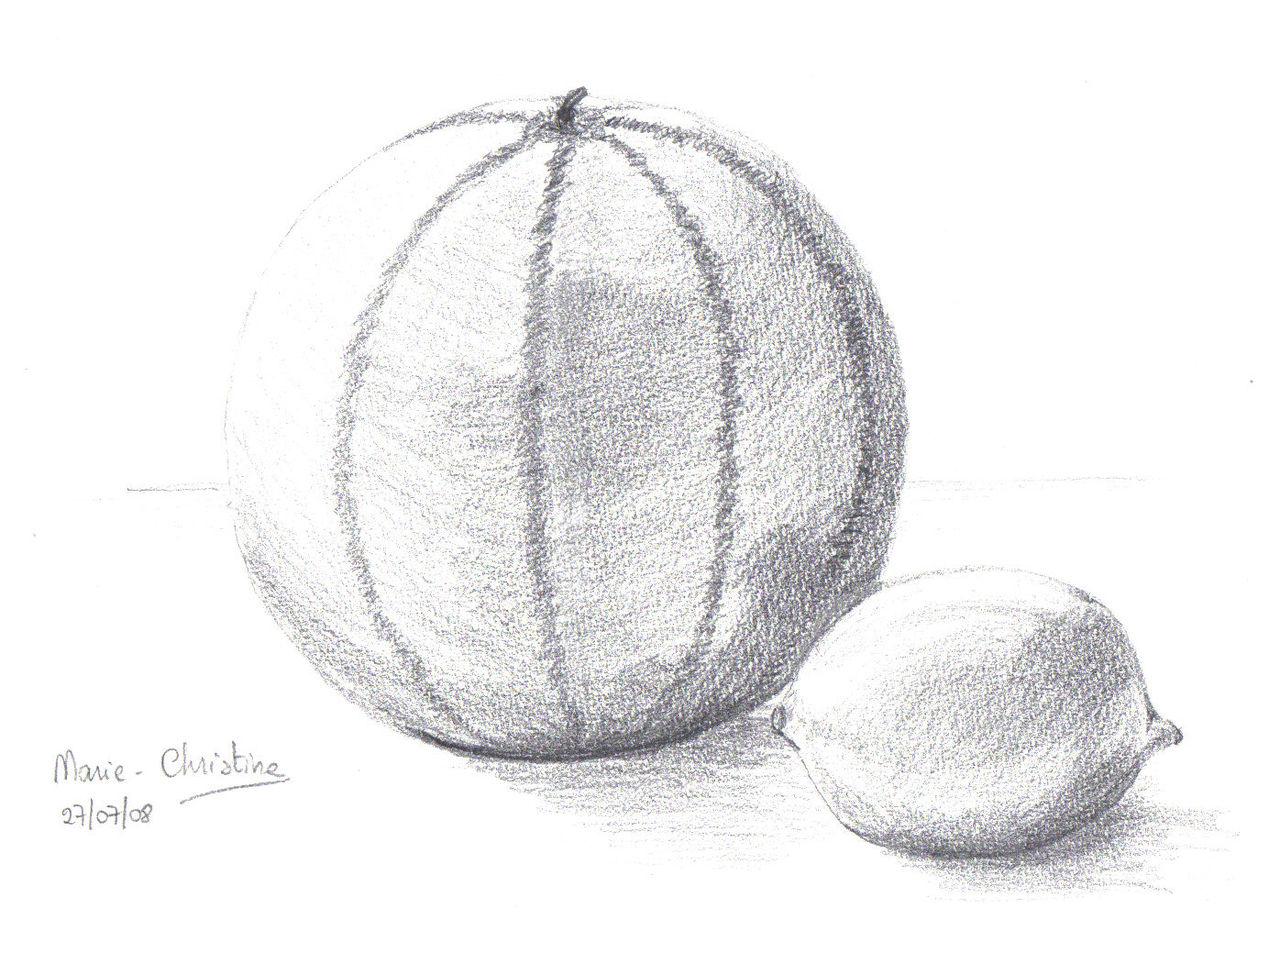 Schmucker Marie-Christine Fruits